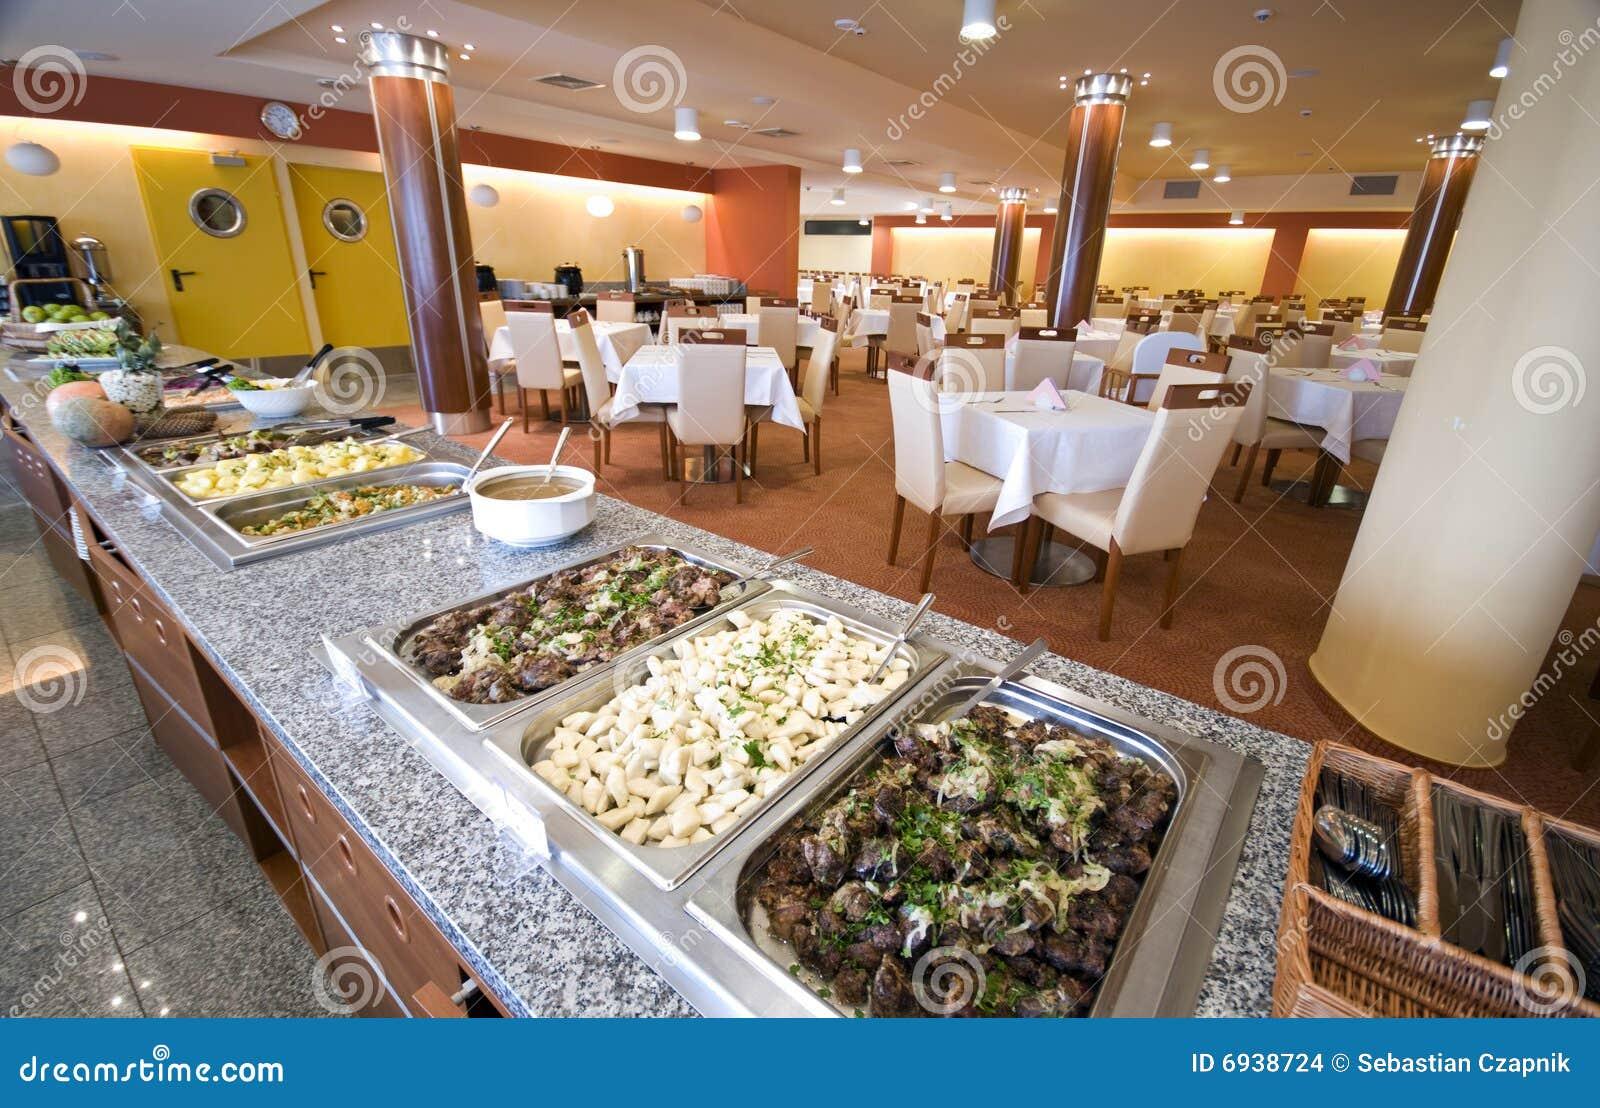 Buffet In Esszimmer Des Hotels Stockfoto Bild Von Buffet Lots